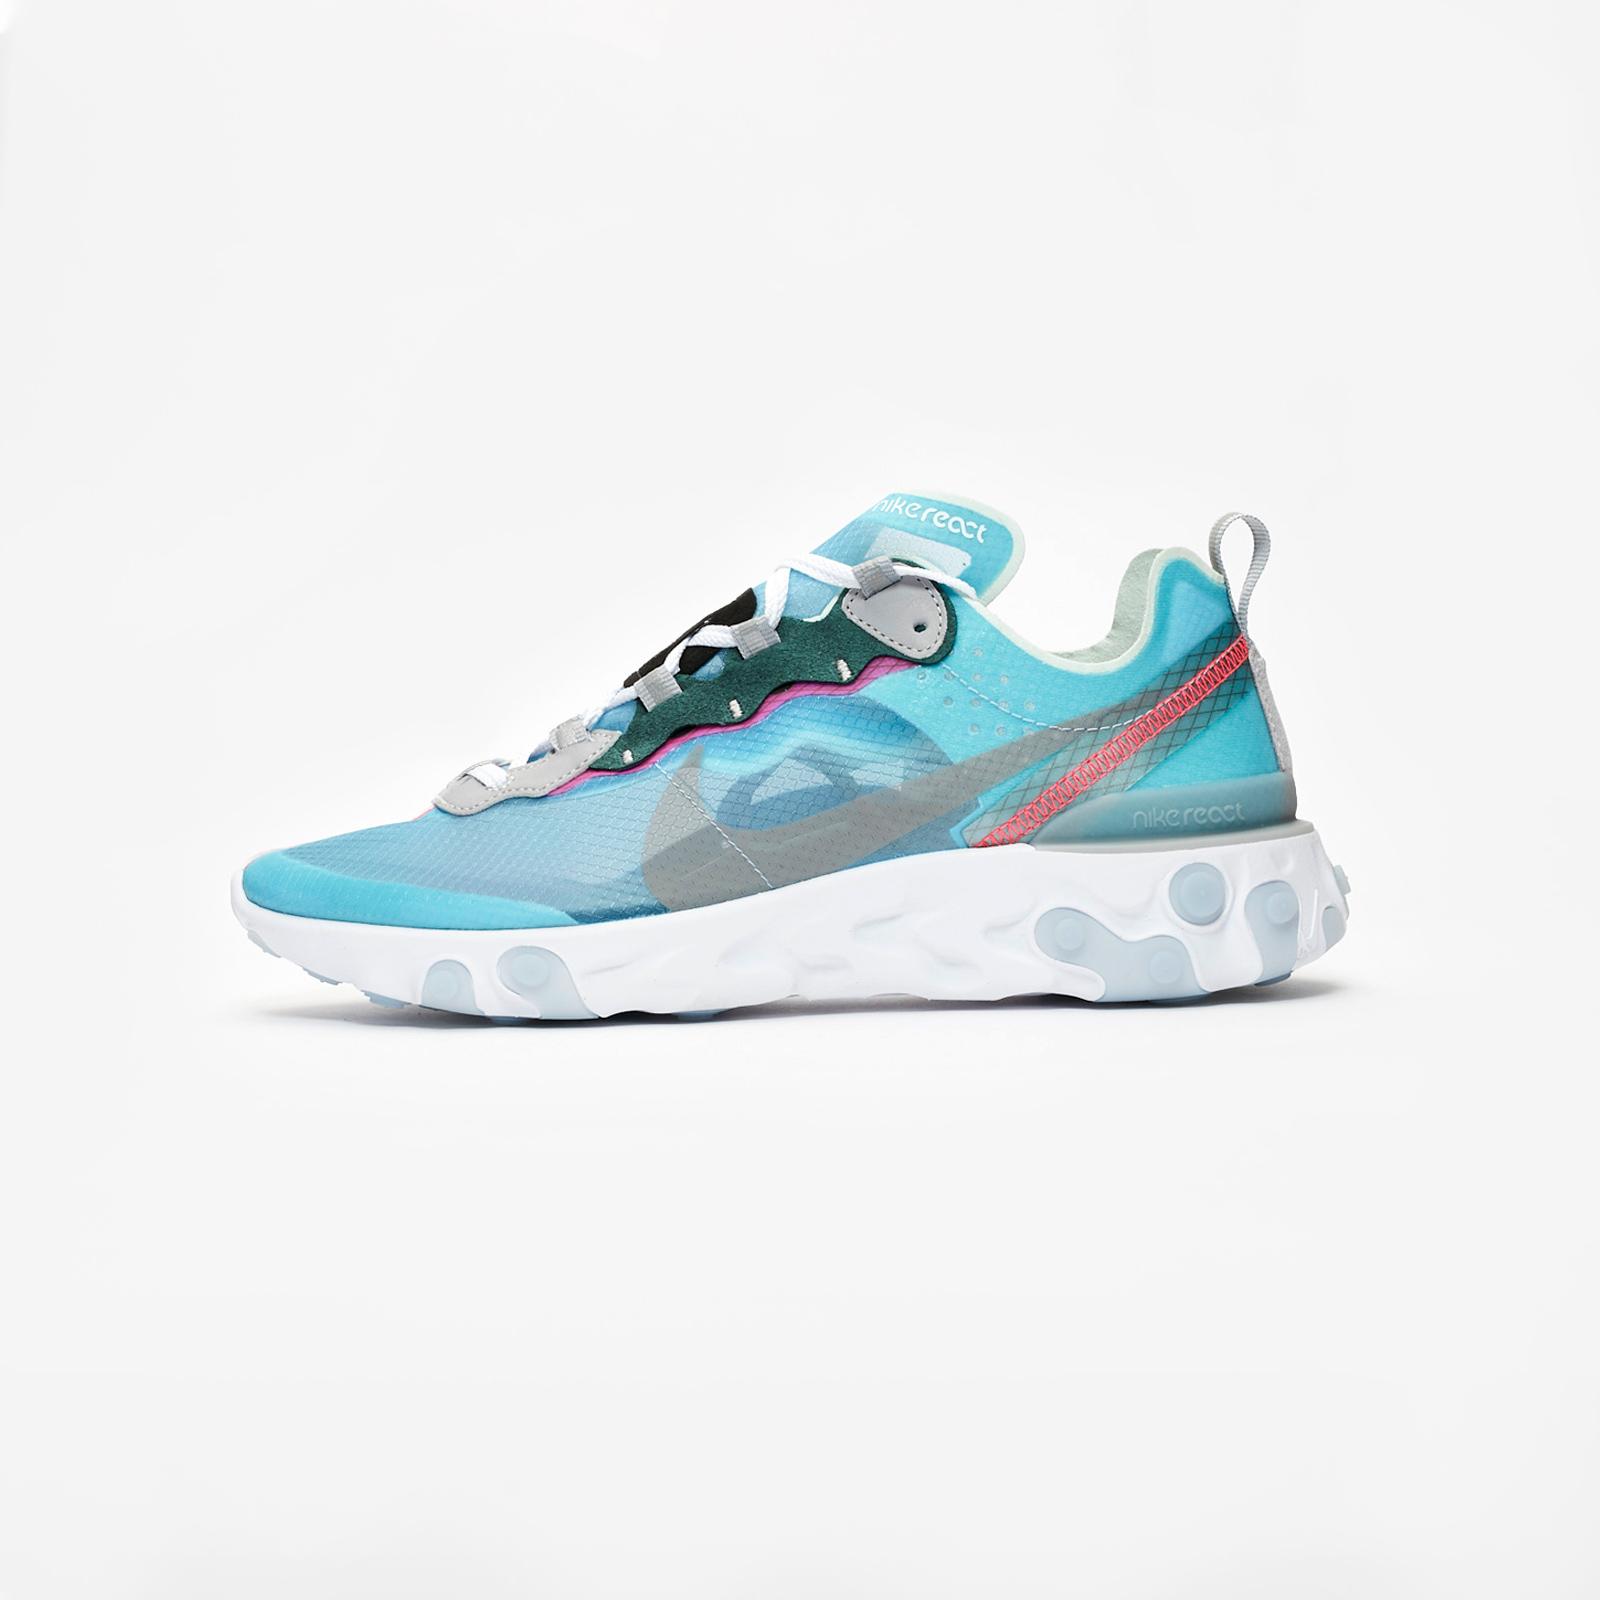 wholesale dealer 2bea4 82aee Nike React Element 87 - Aq1090-400 - Sneakersnstuff   sneakers   streetwear  online since 1999